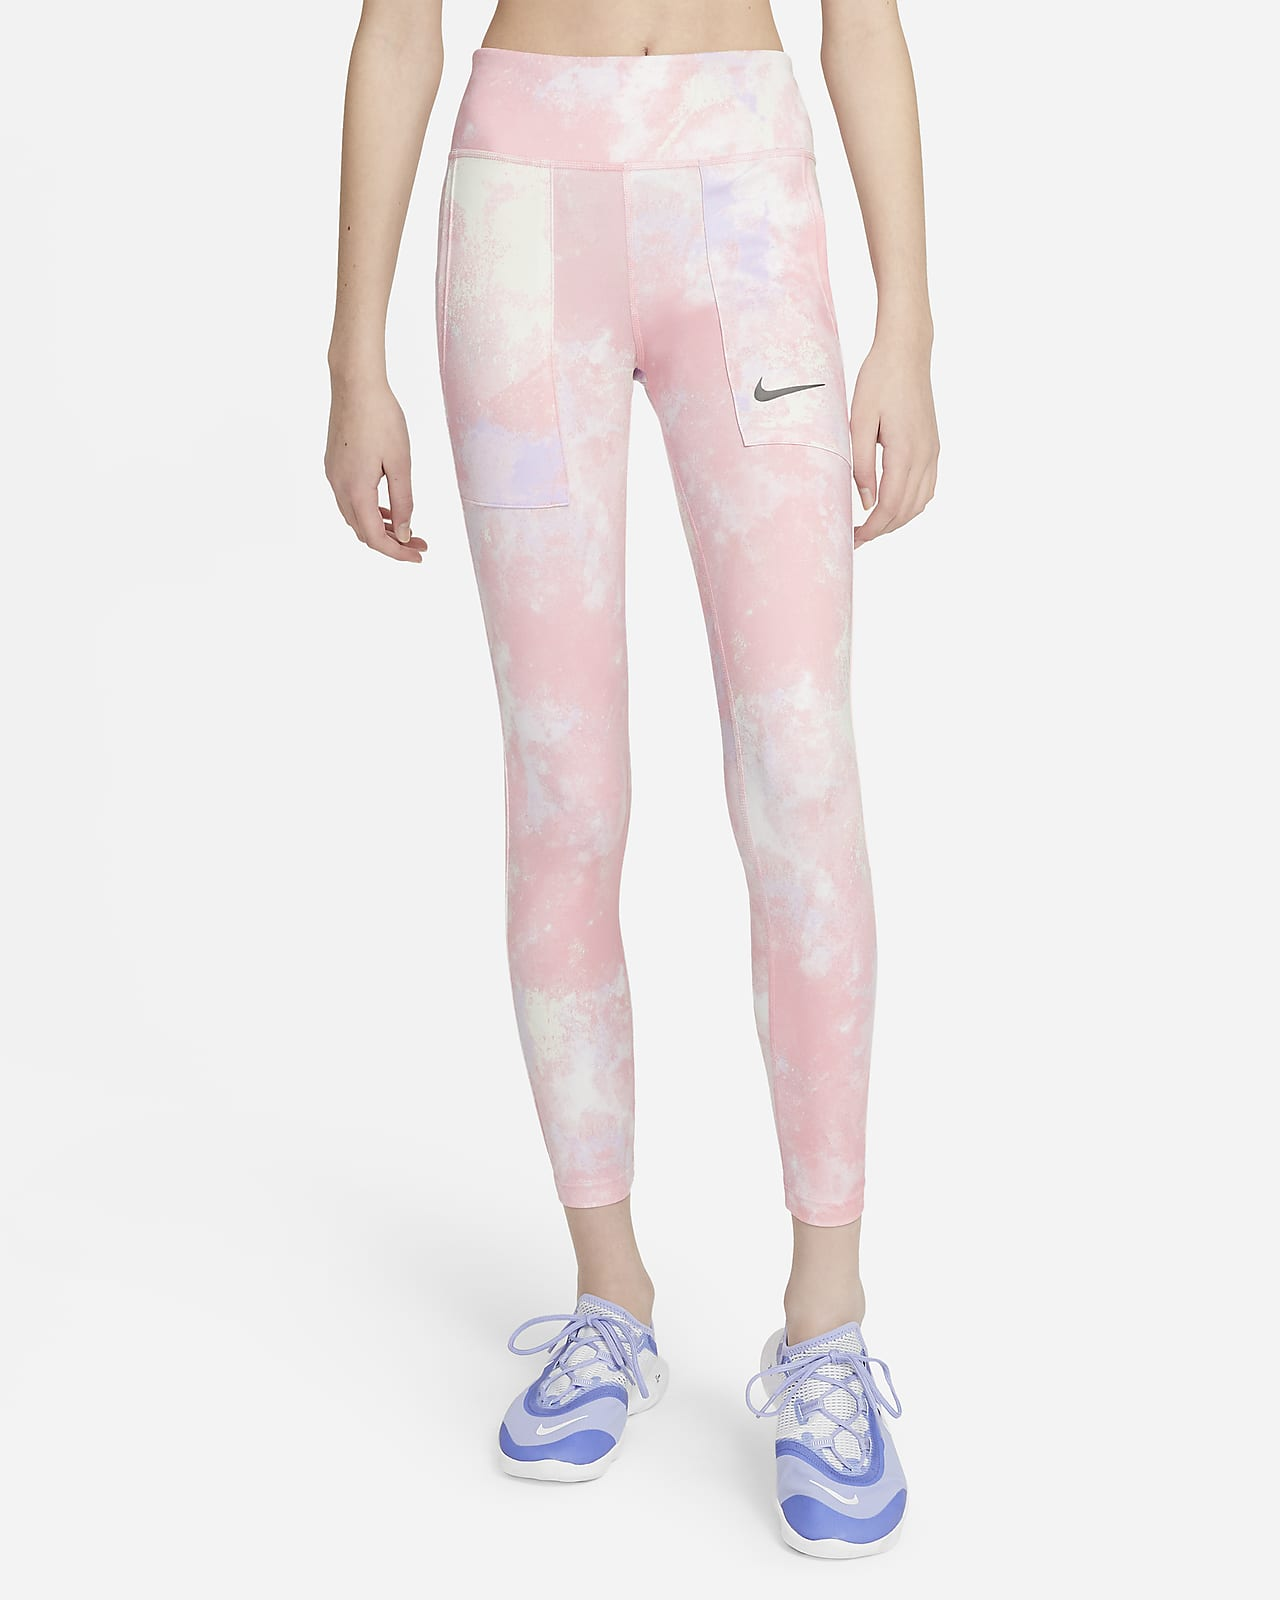 Леггинсы с принтом тай-дай для девочек школьного возраста Nike One